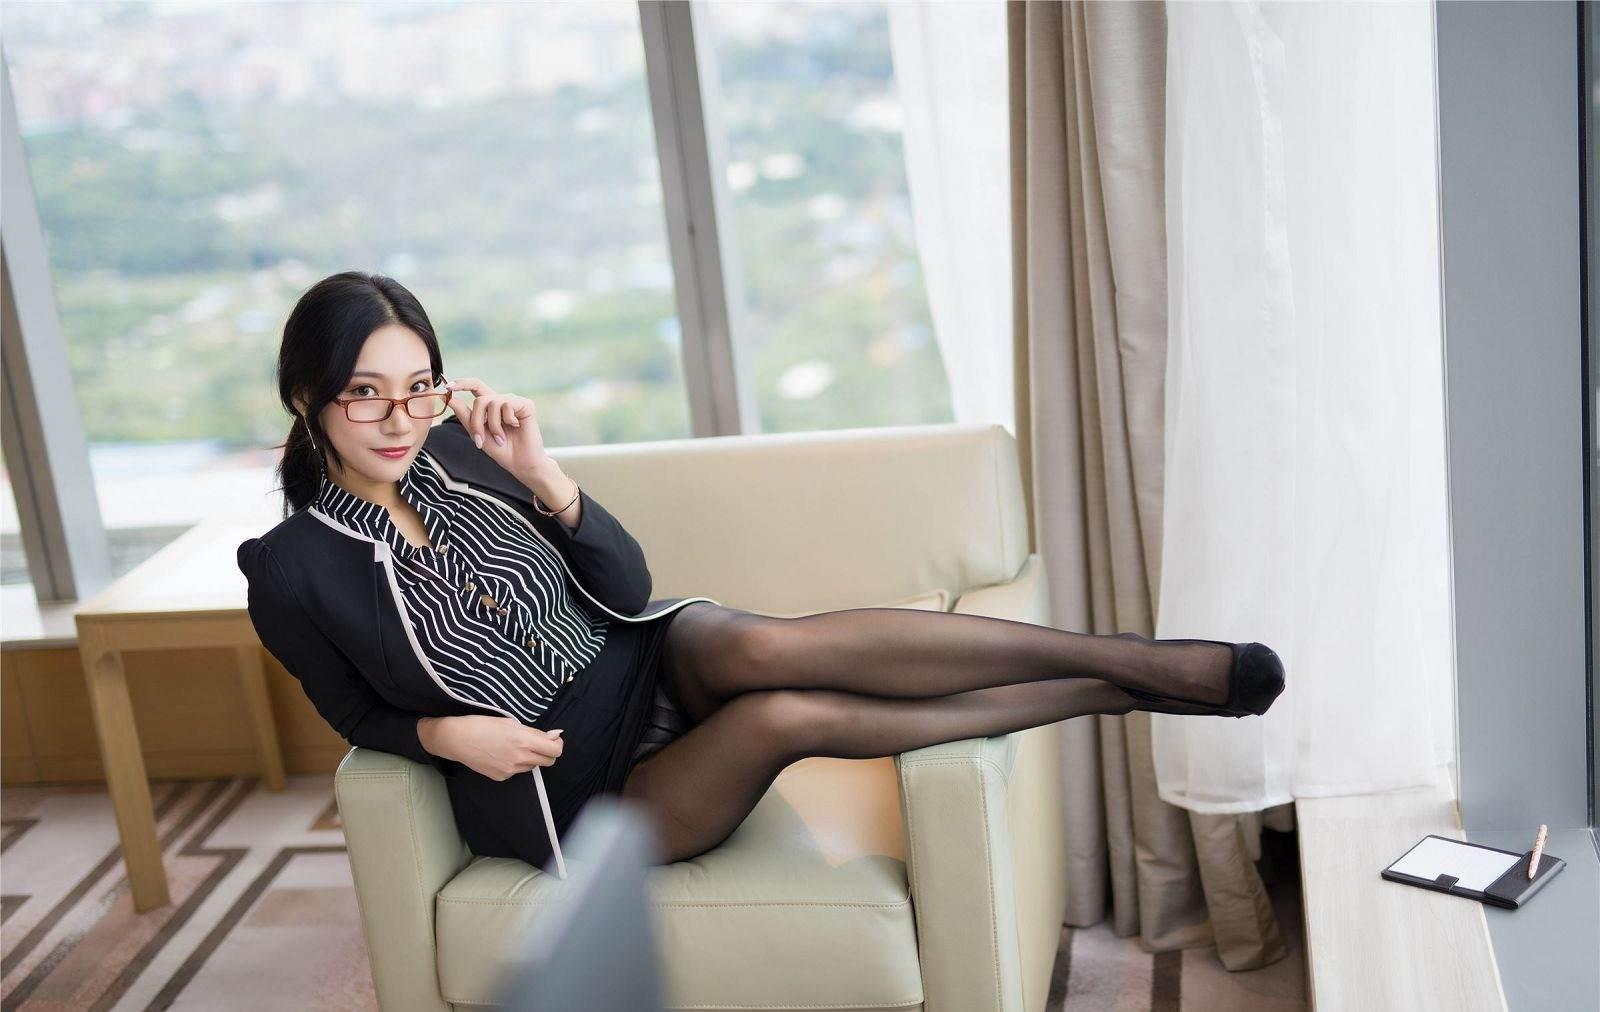 第121期老板的秘书小狐狸(职业装,黑丝,高跟)_图片1